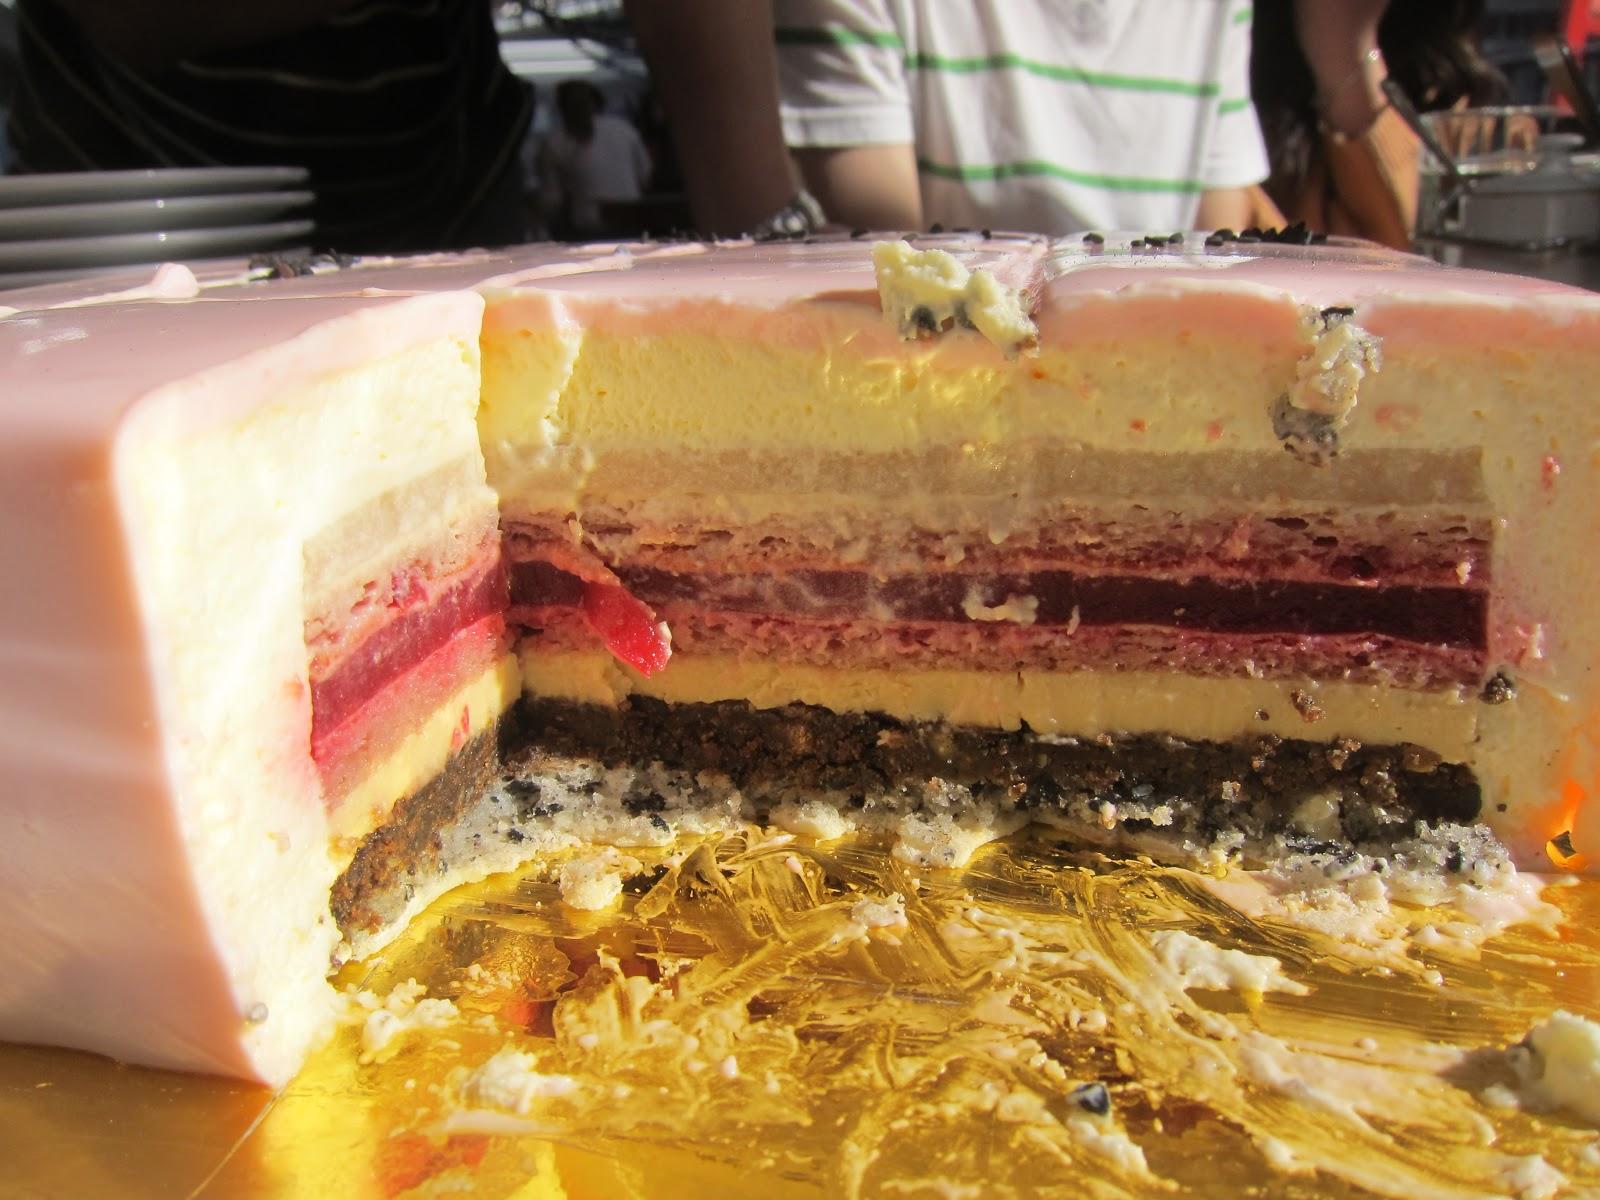 Birthday Cakes Zumbo ~ Panda & cakes: adriano zumbo's rose v8